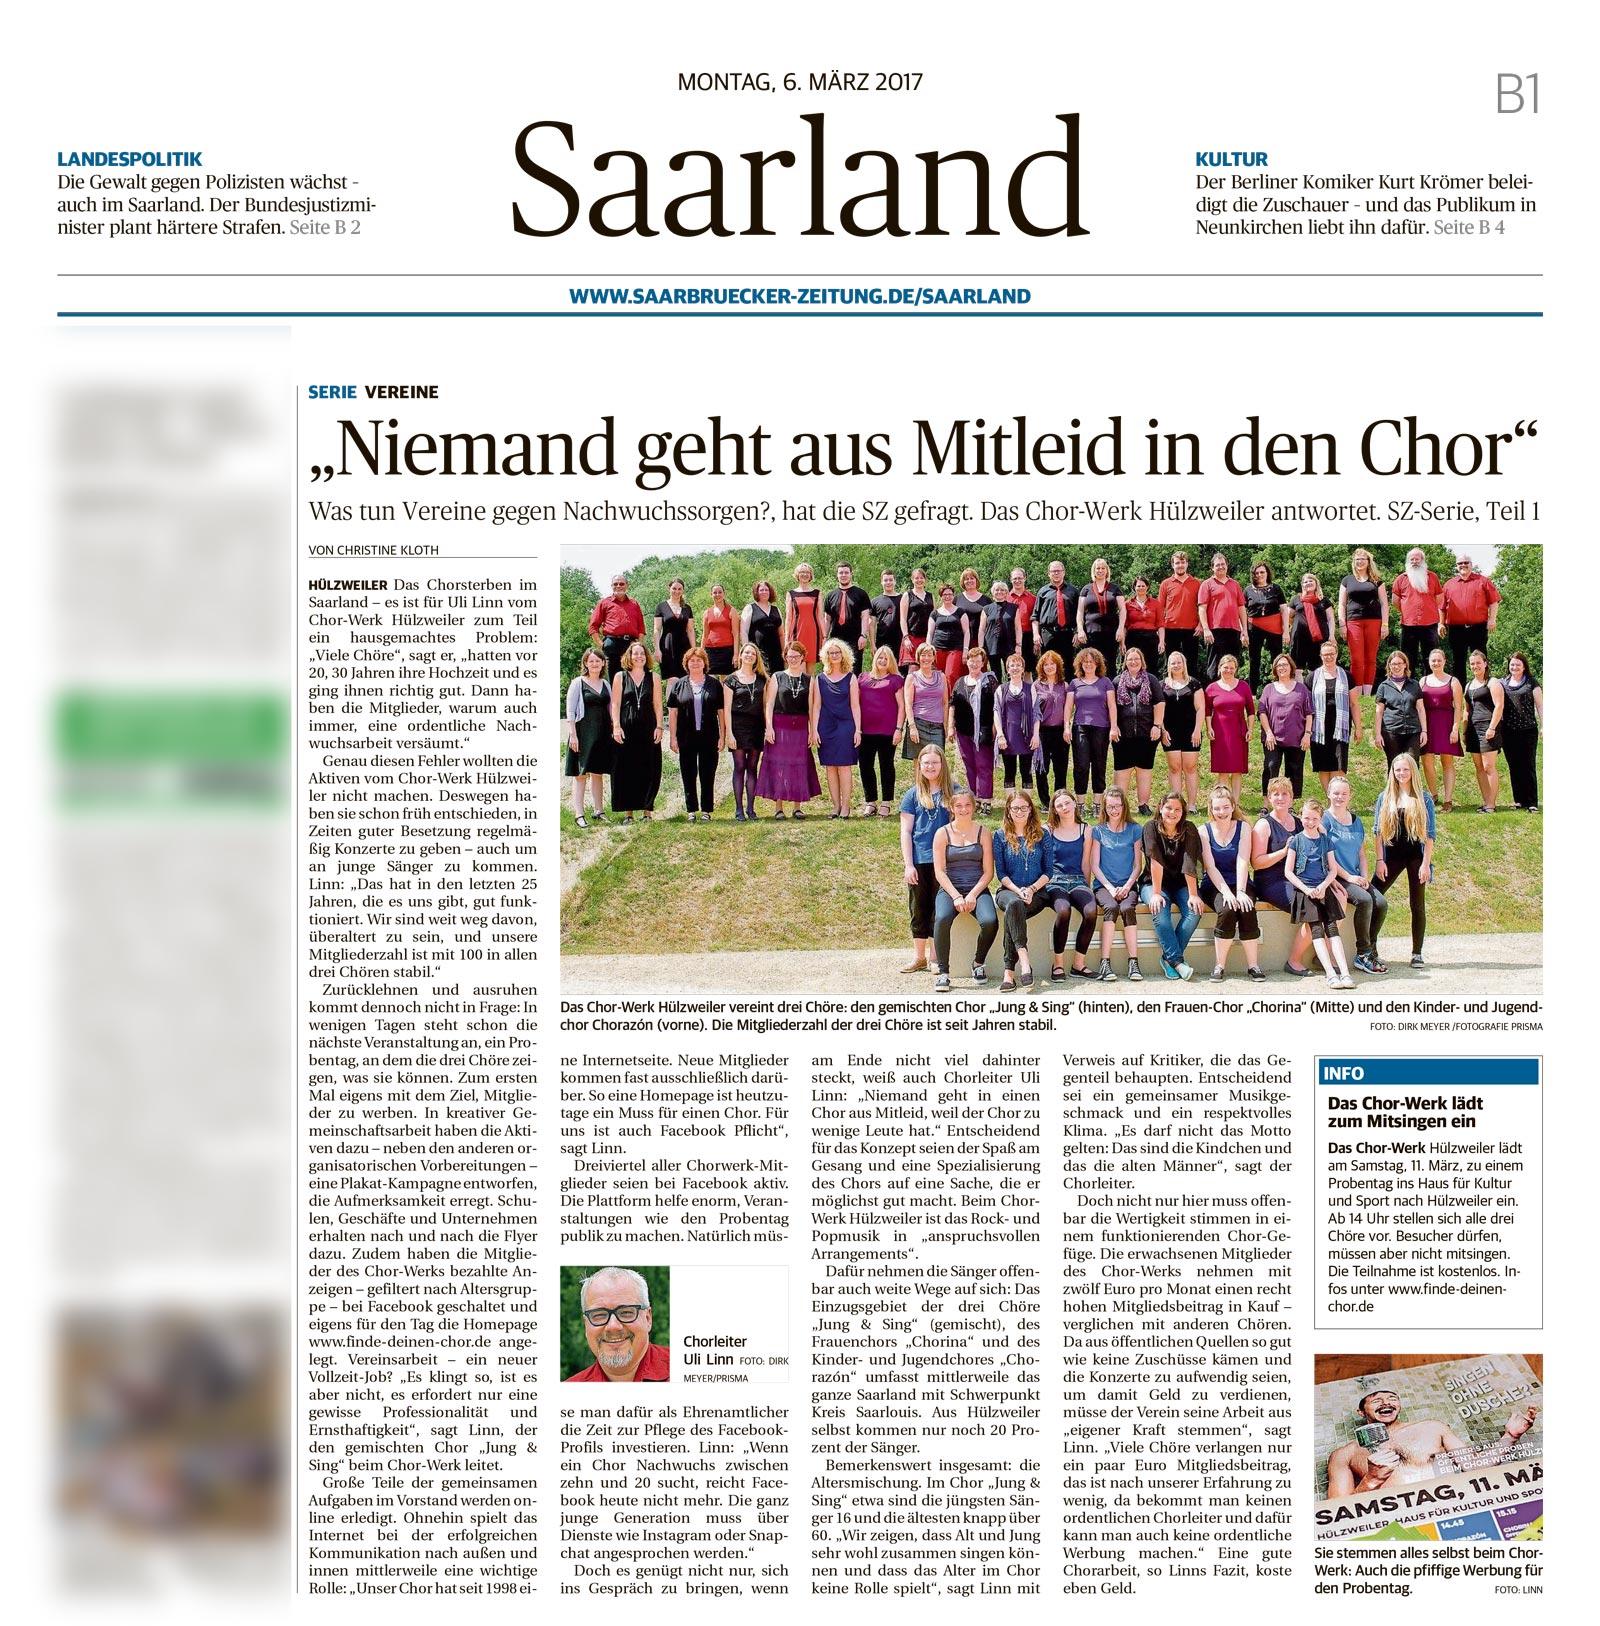 Überregionale Berichterstattung über das Chor-Werk Hülzweiler und Jung & Sing